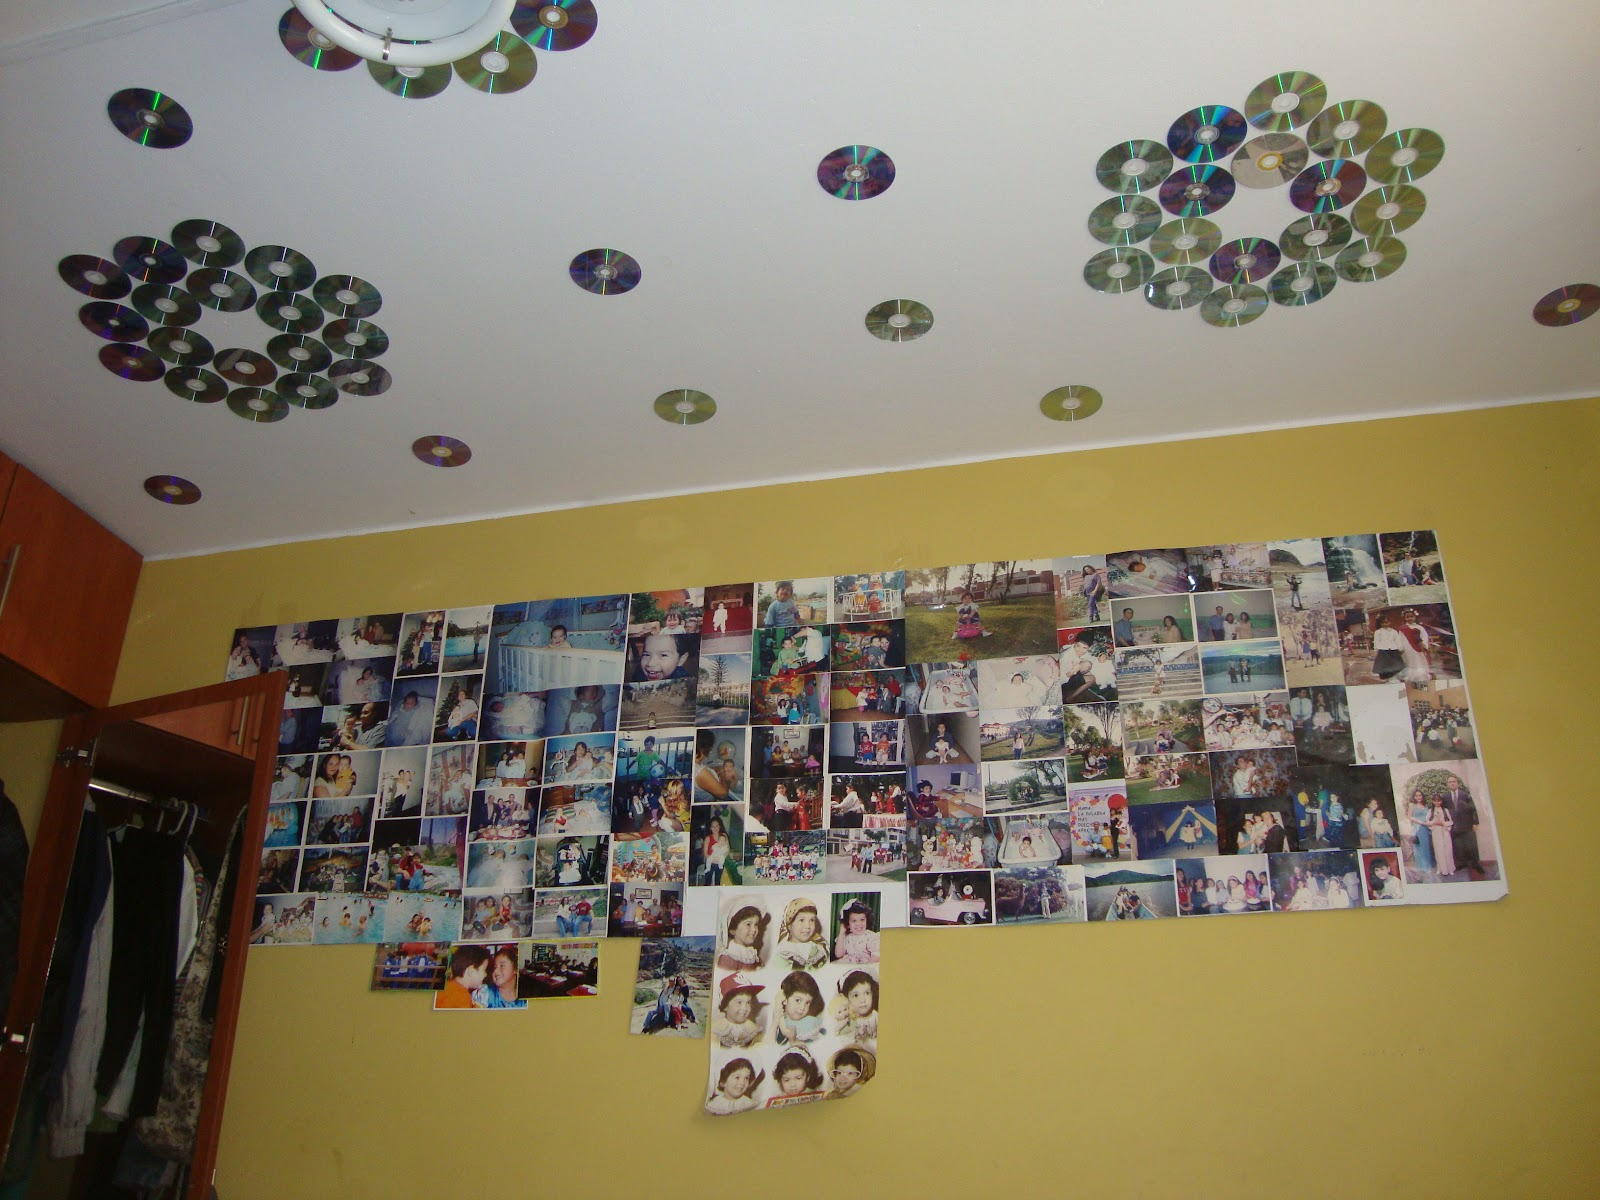 Como puedo decorar mi cuarto perfect encontrar cmo puedo for Como puedo decorar mi cuarto